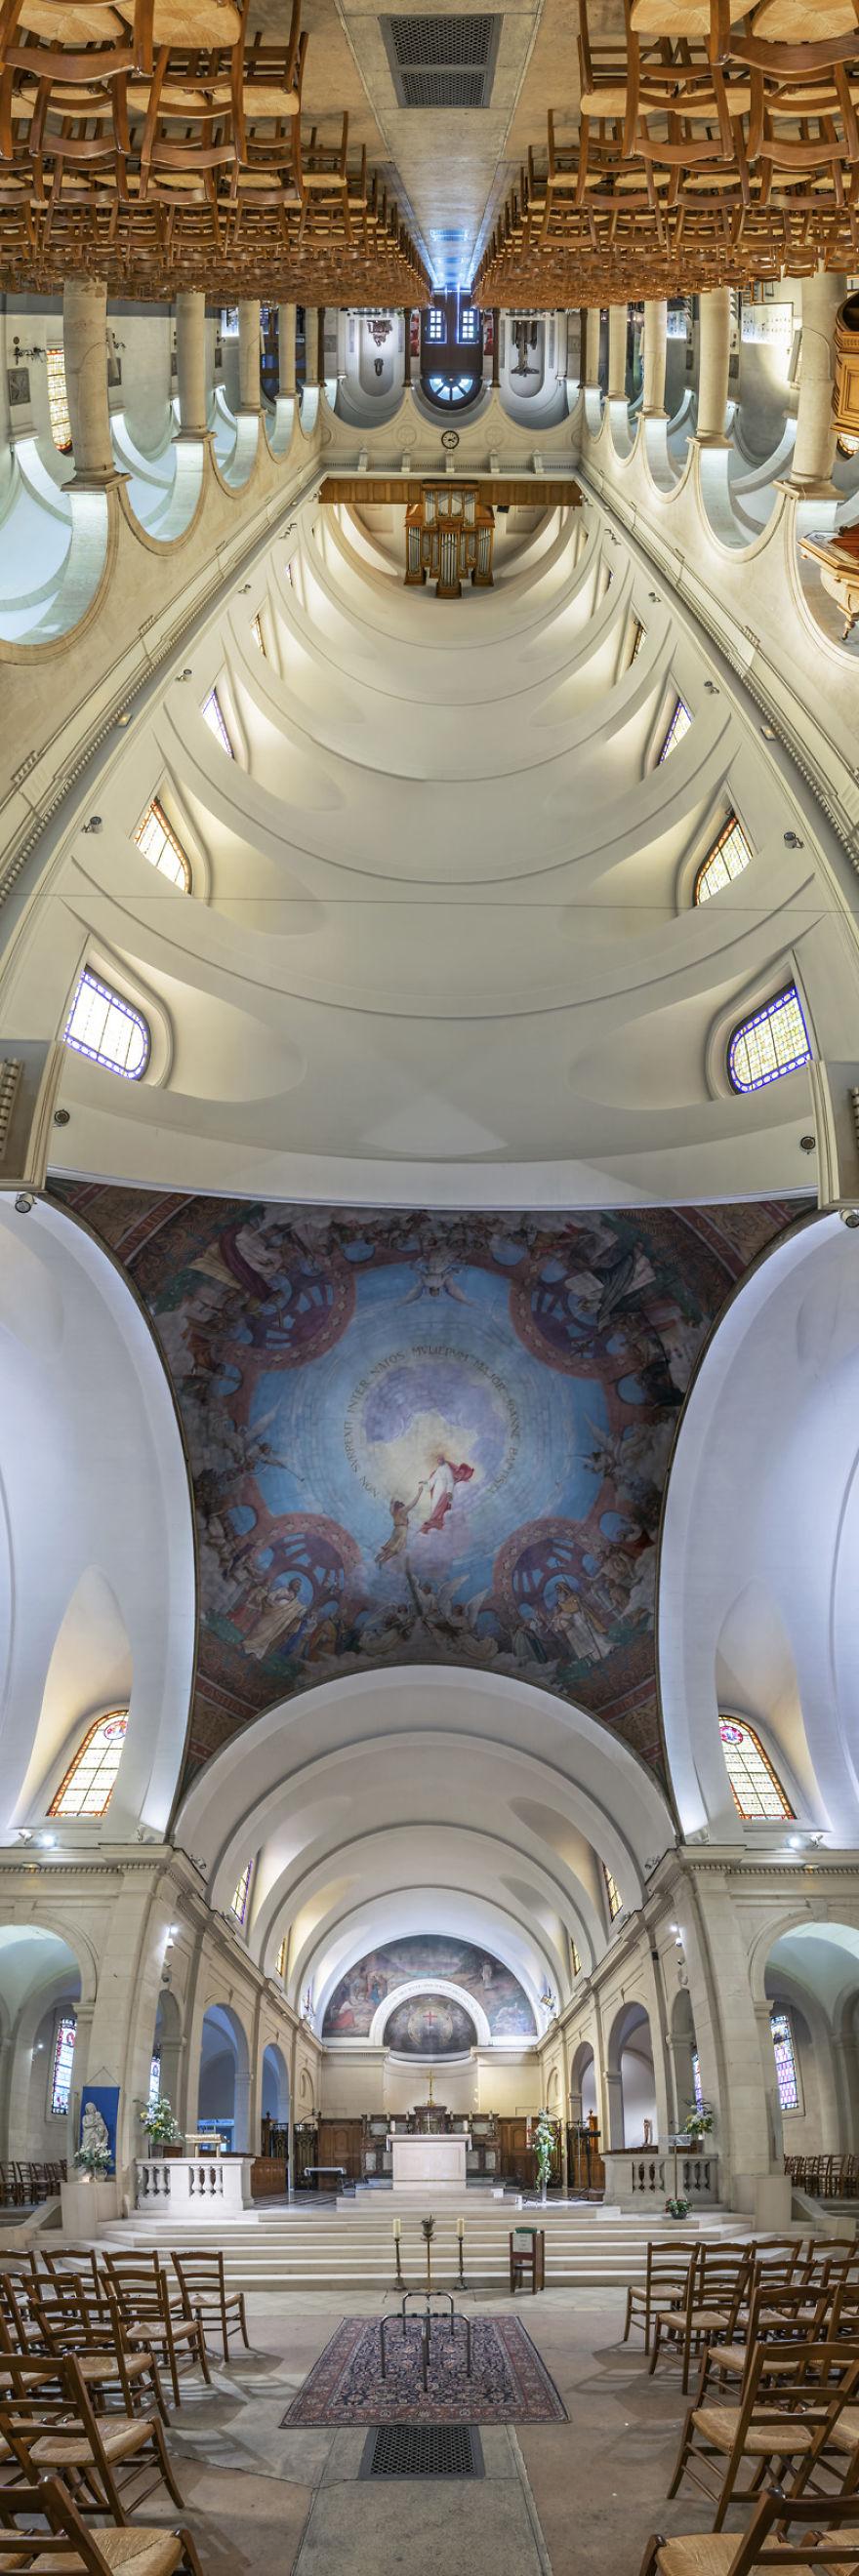 Church-of-Saint-Jean-Baptiste-de-Grenelle-Paris-France-5afb382f9a42e__880